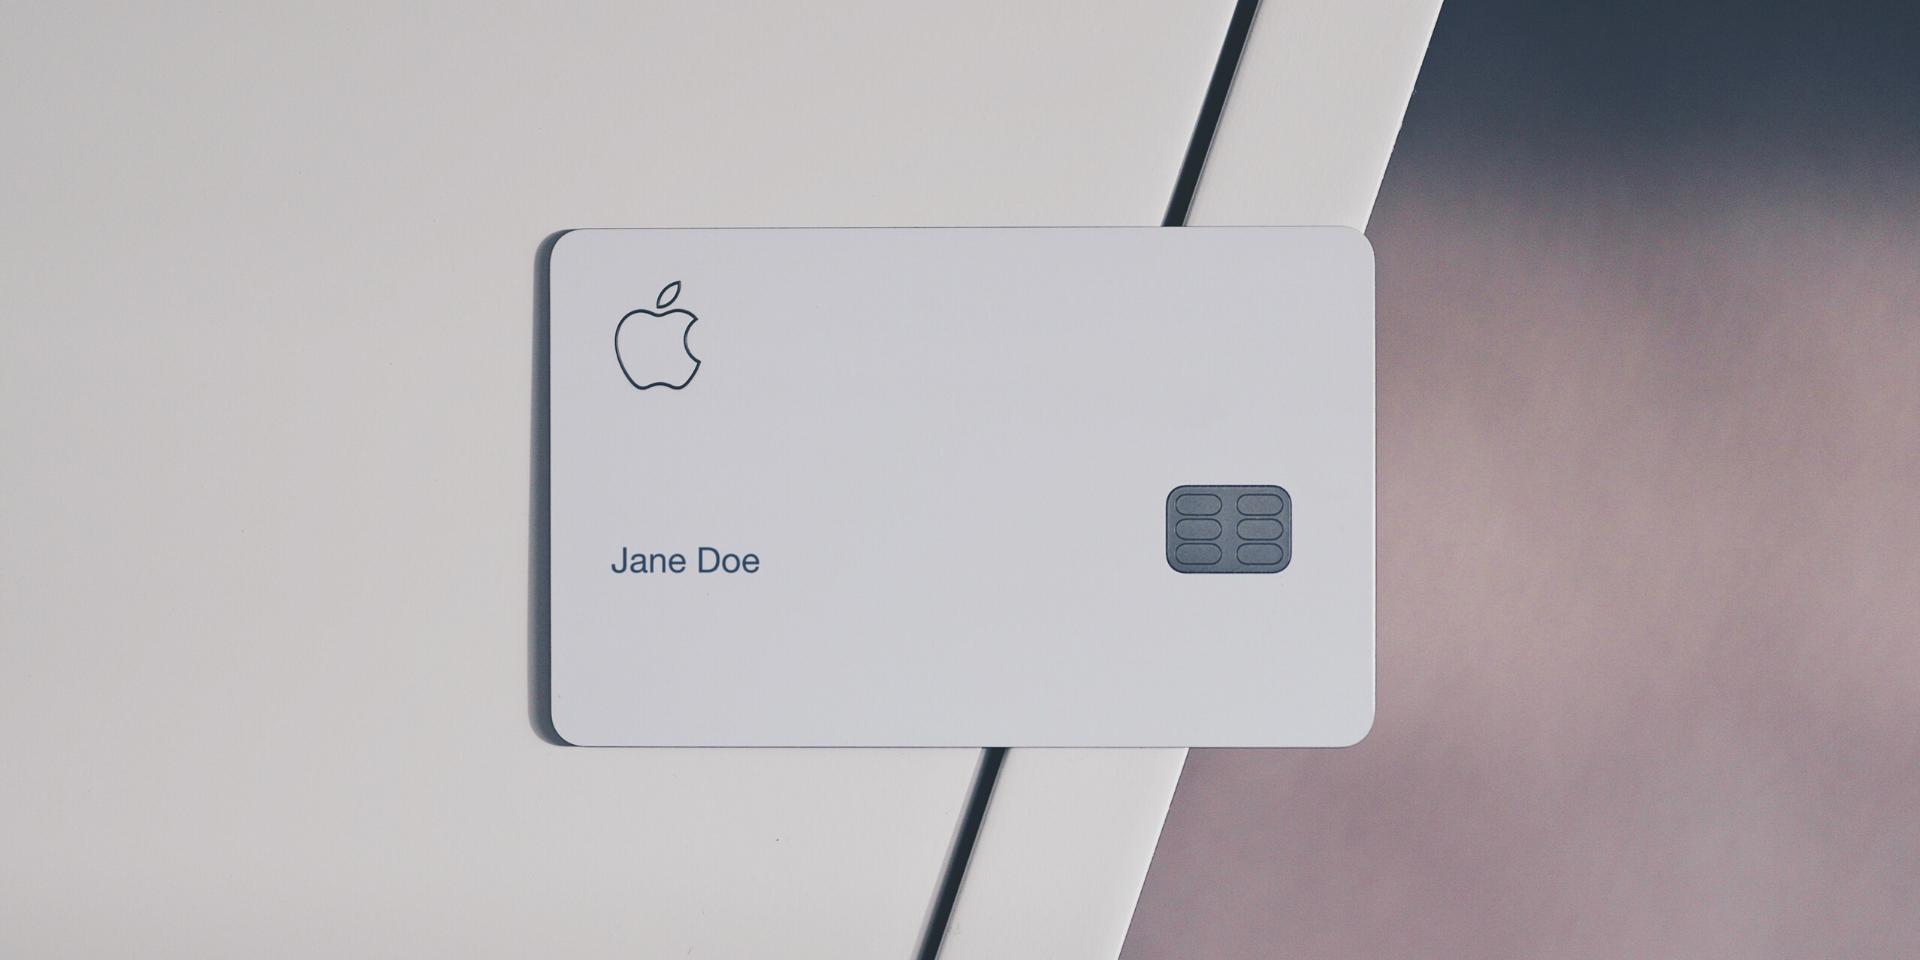 Apple Card front design